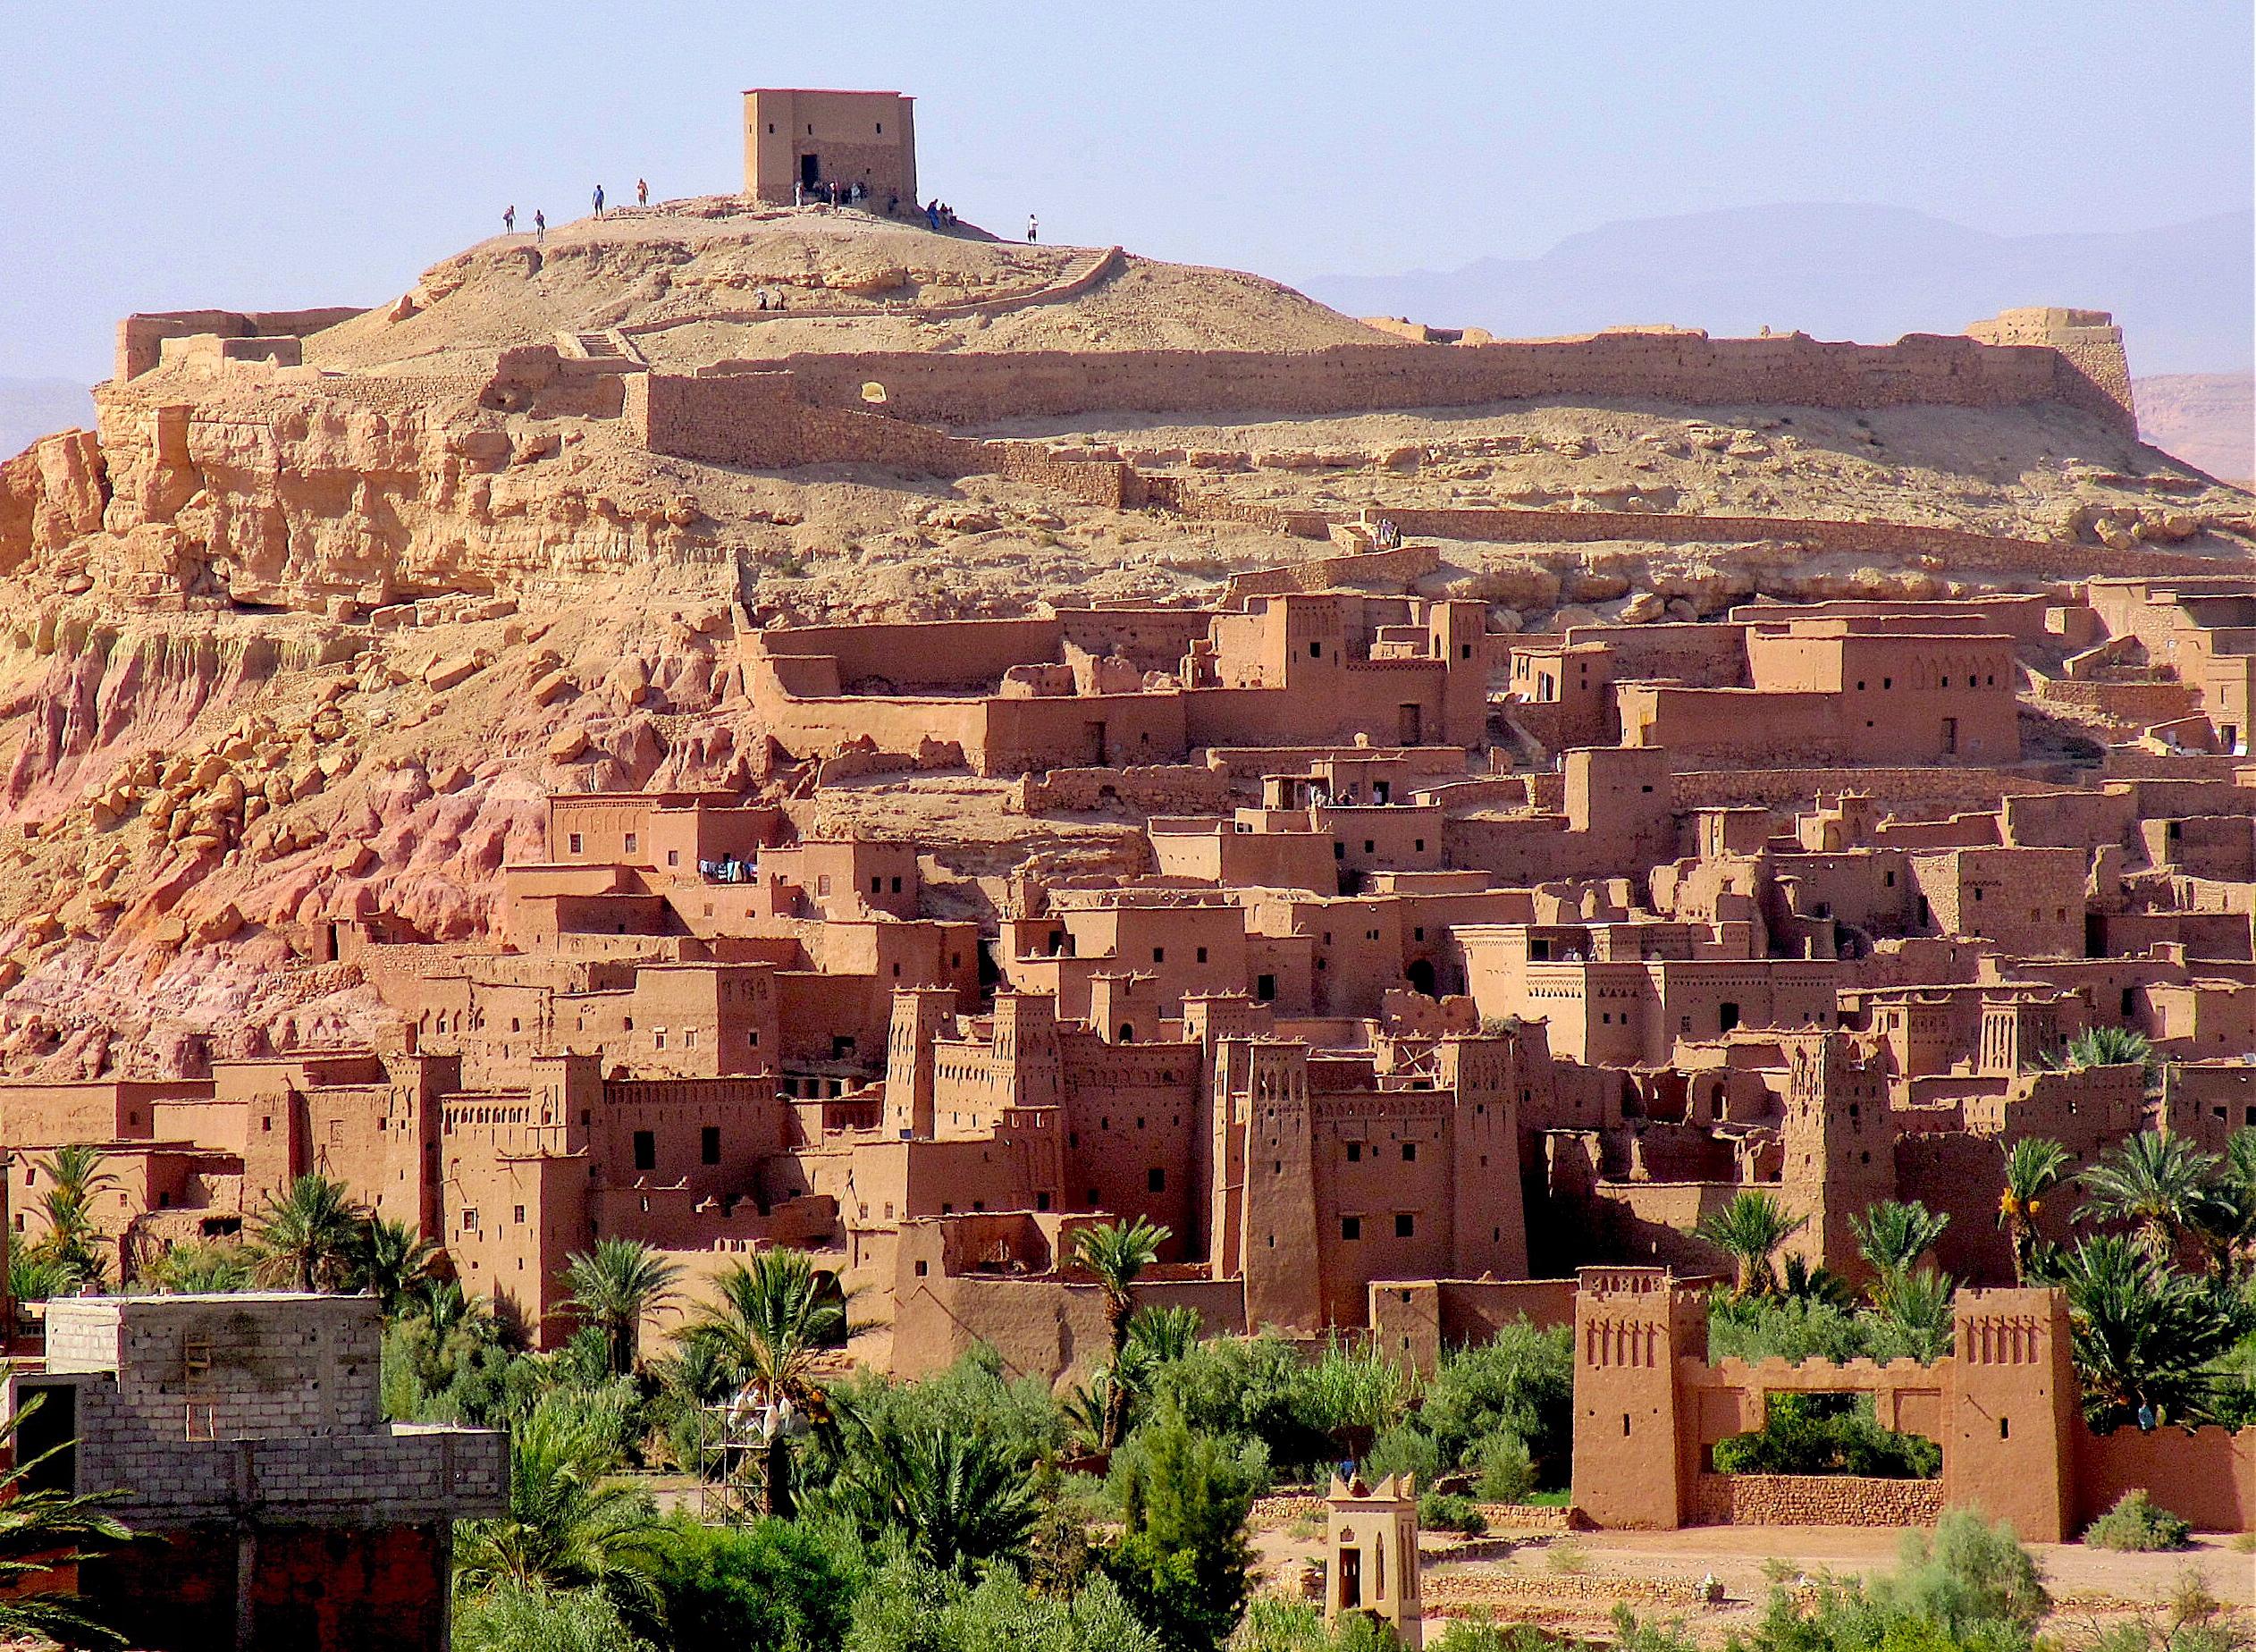 Ait Bennou, Morocco